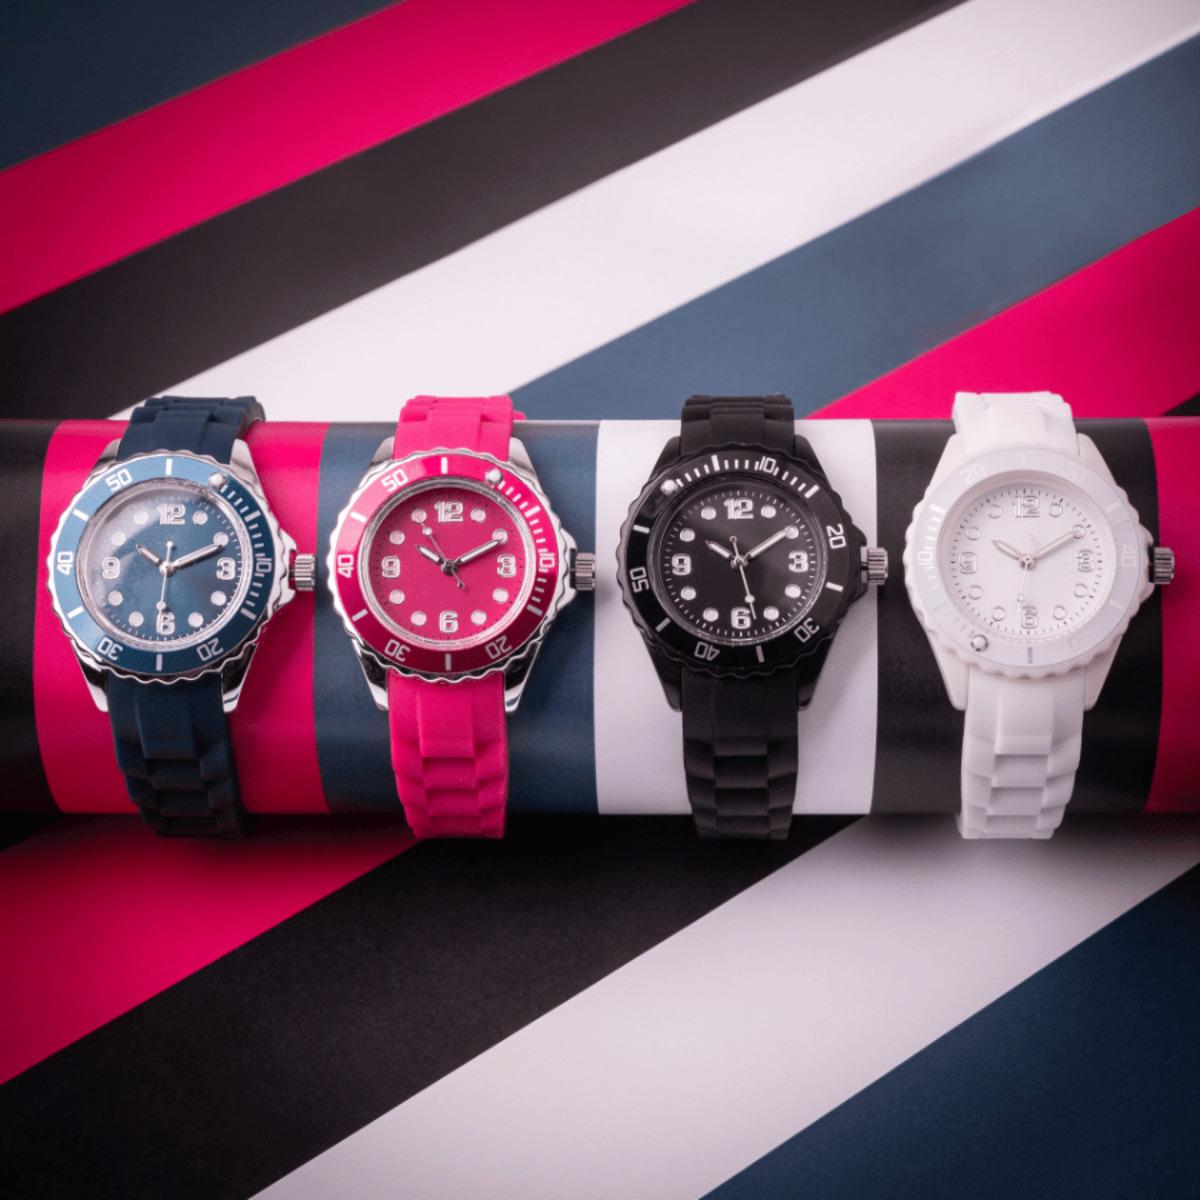 Bild 5 von KRONTALER     Mini-Colourwatch